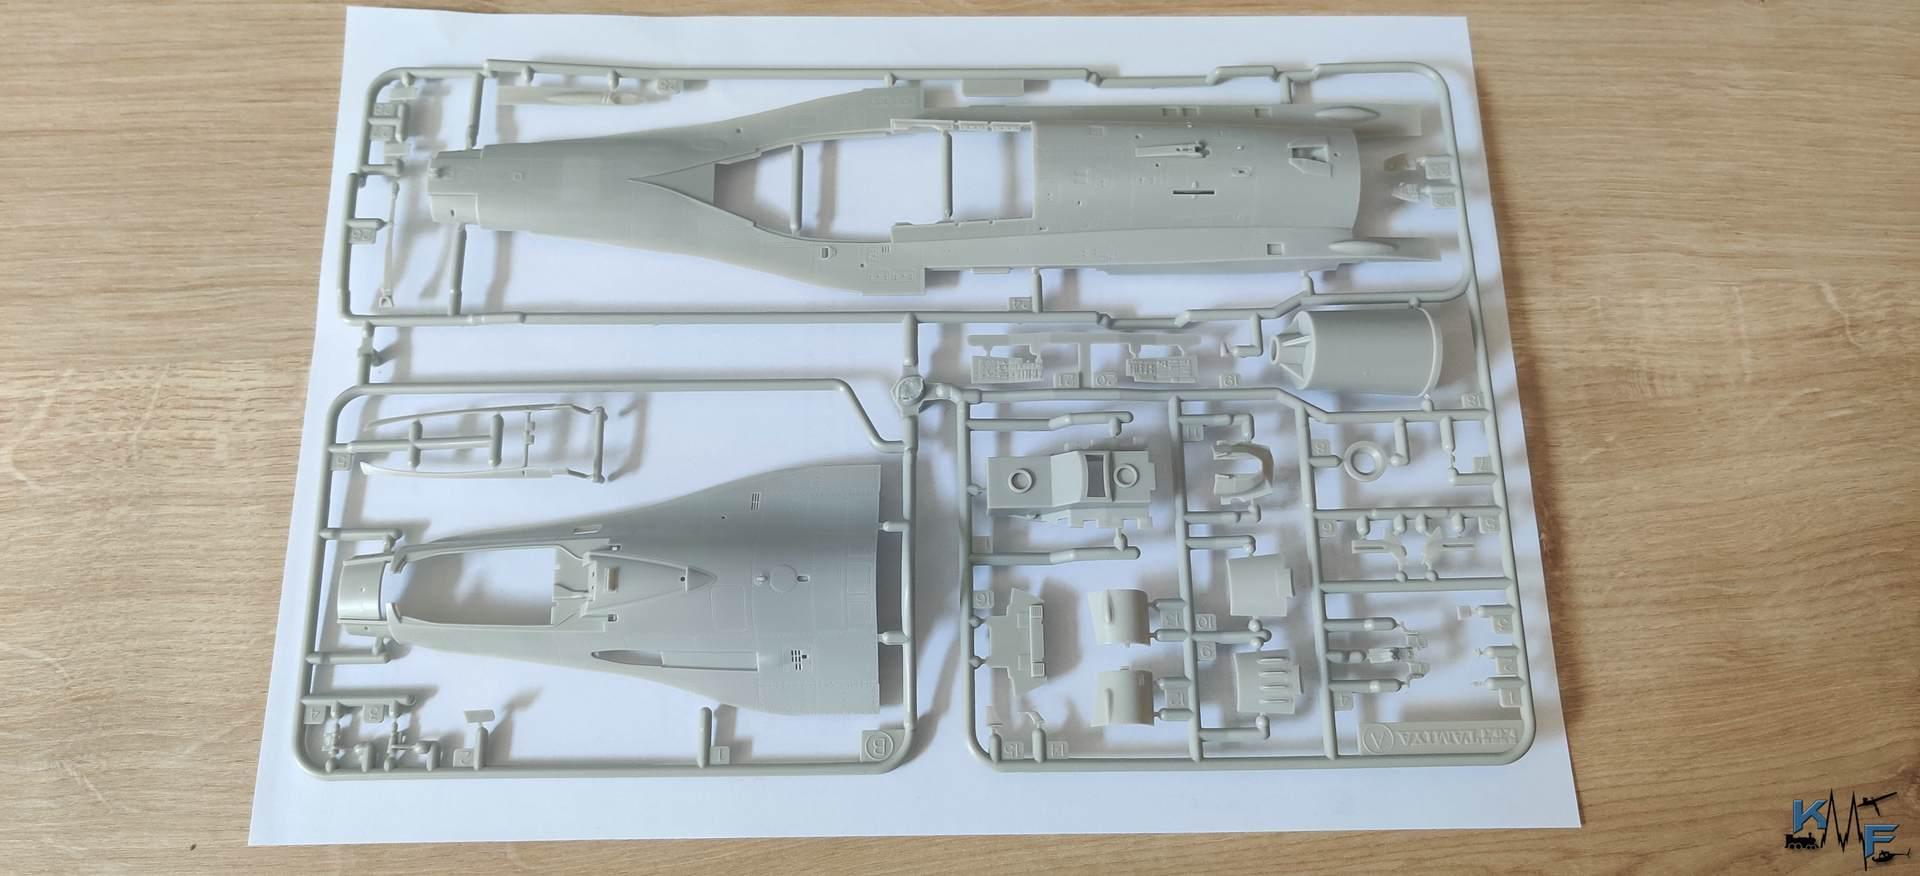 BV-TAM-F16C_17.jpg